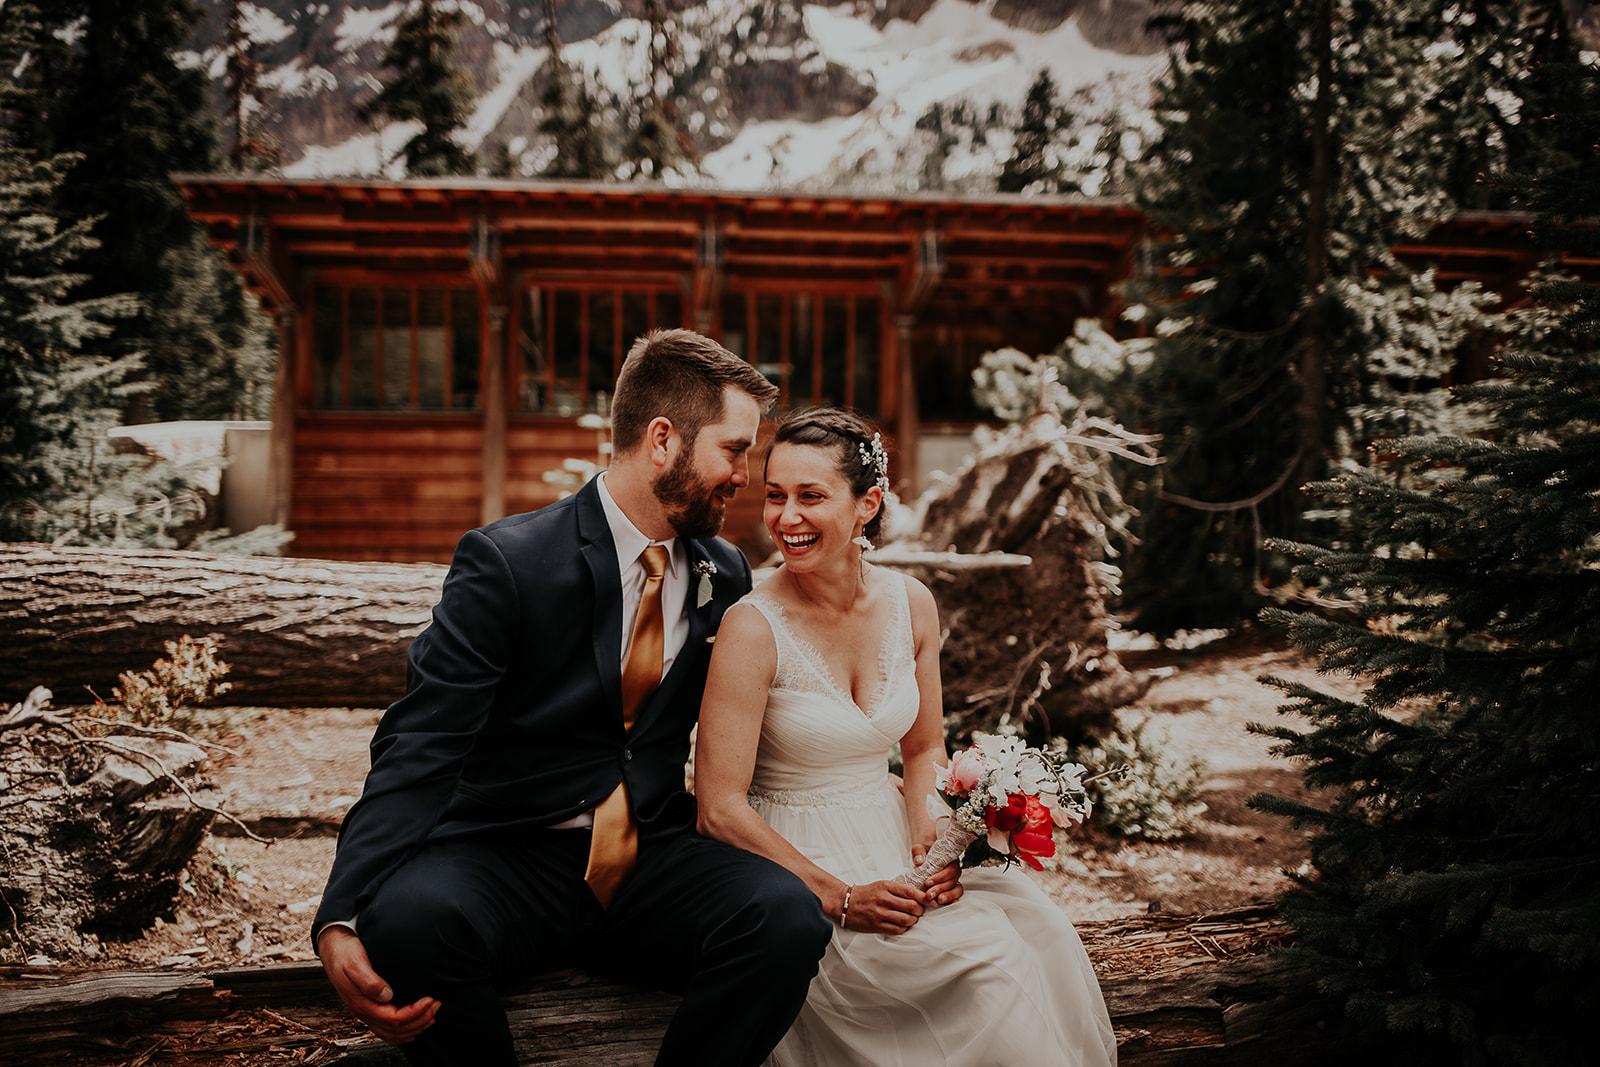 lisaandzack-north-cascades-elopement-wedding-megan-gallagher-photogarphy (21).jpg